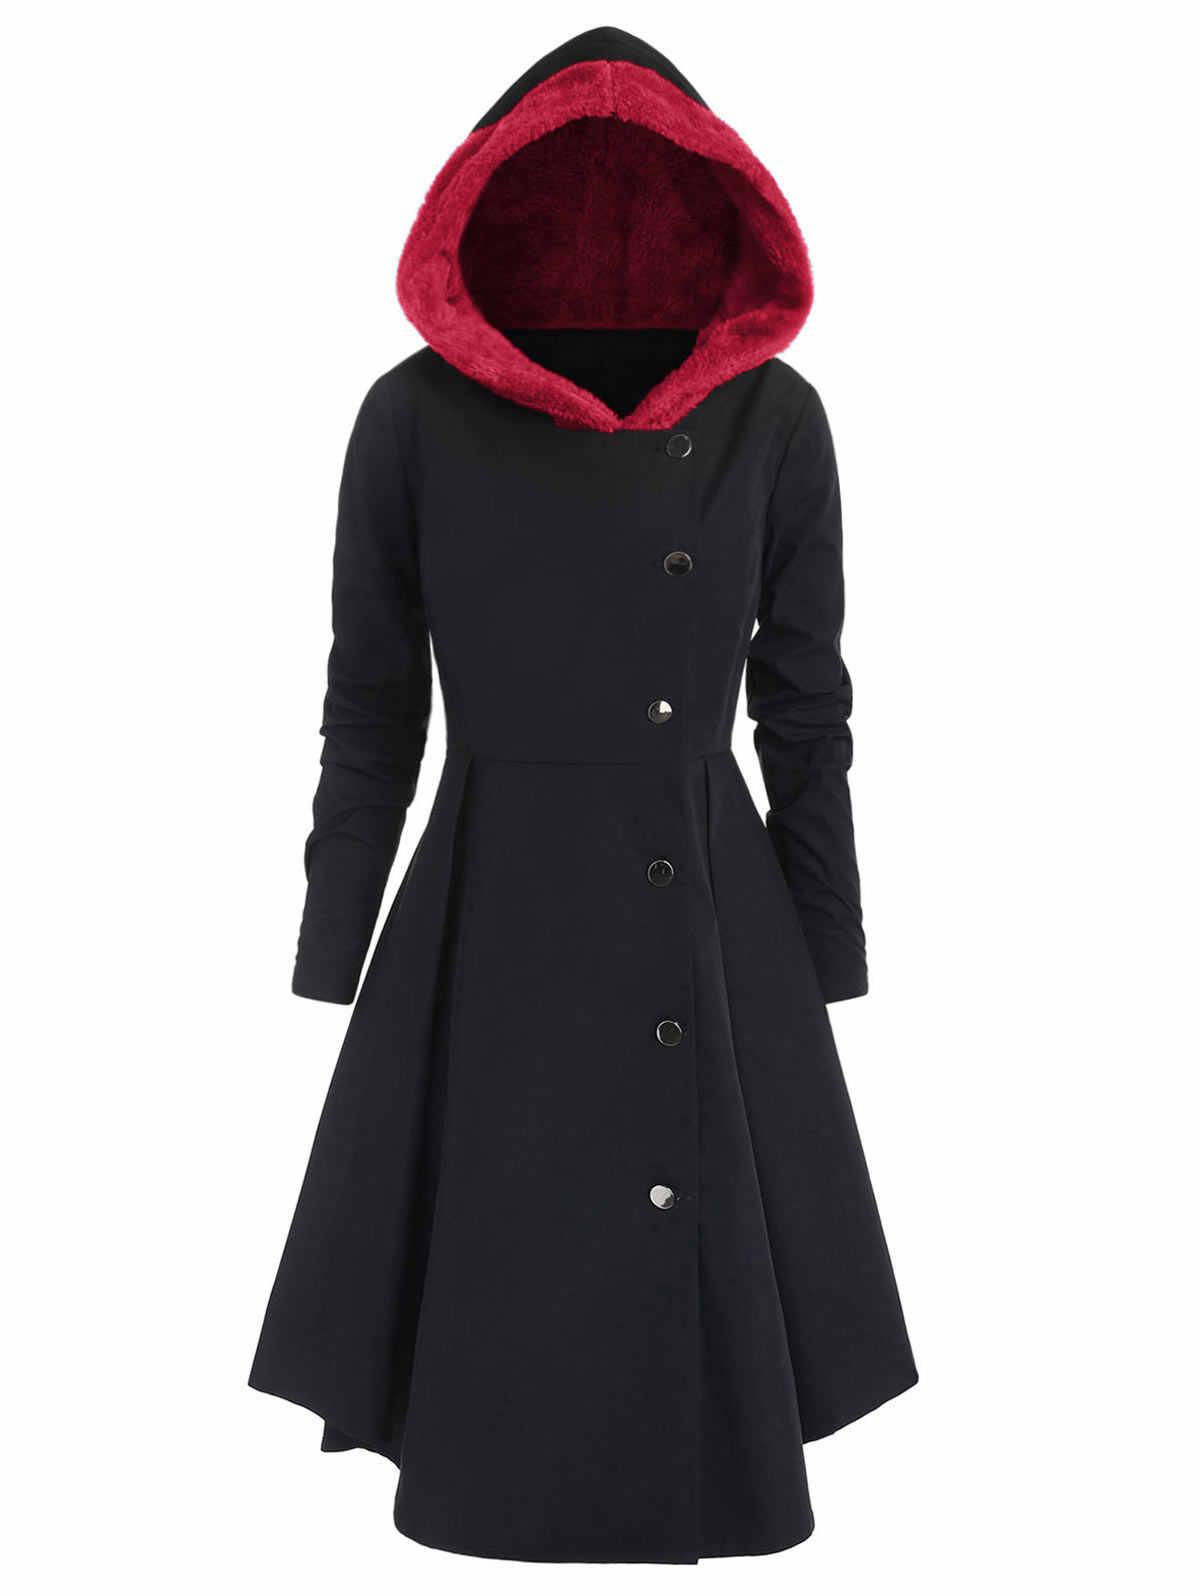 Wipalo зима плюс размеры Асимметричная флис контрастный колор блок однобортный с капюшоном юбка для женщин пальто Длинная Верхняя одежда пальт